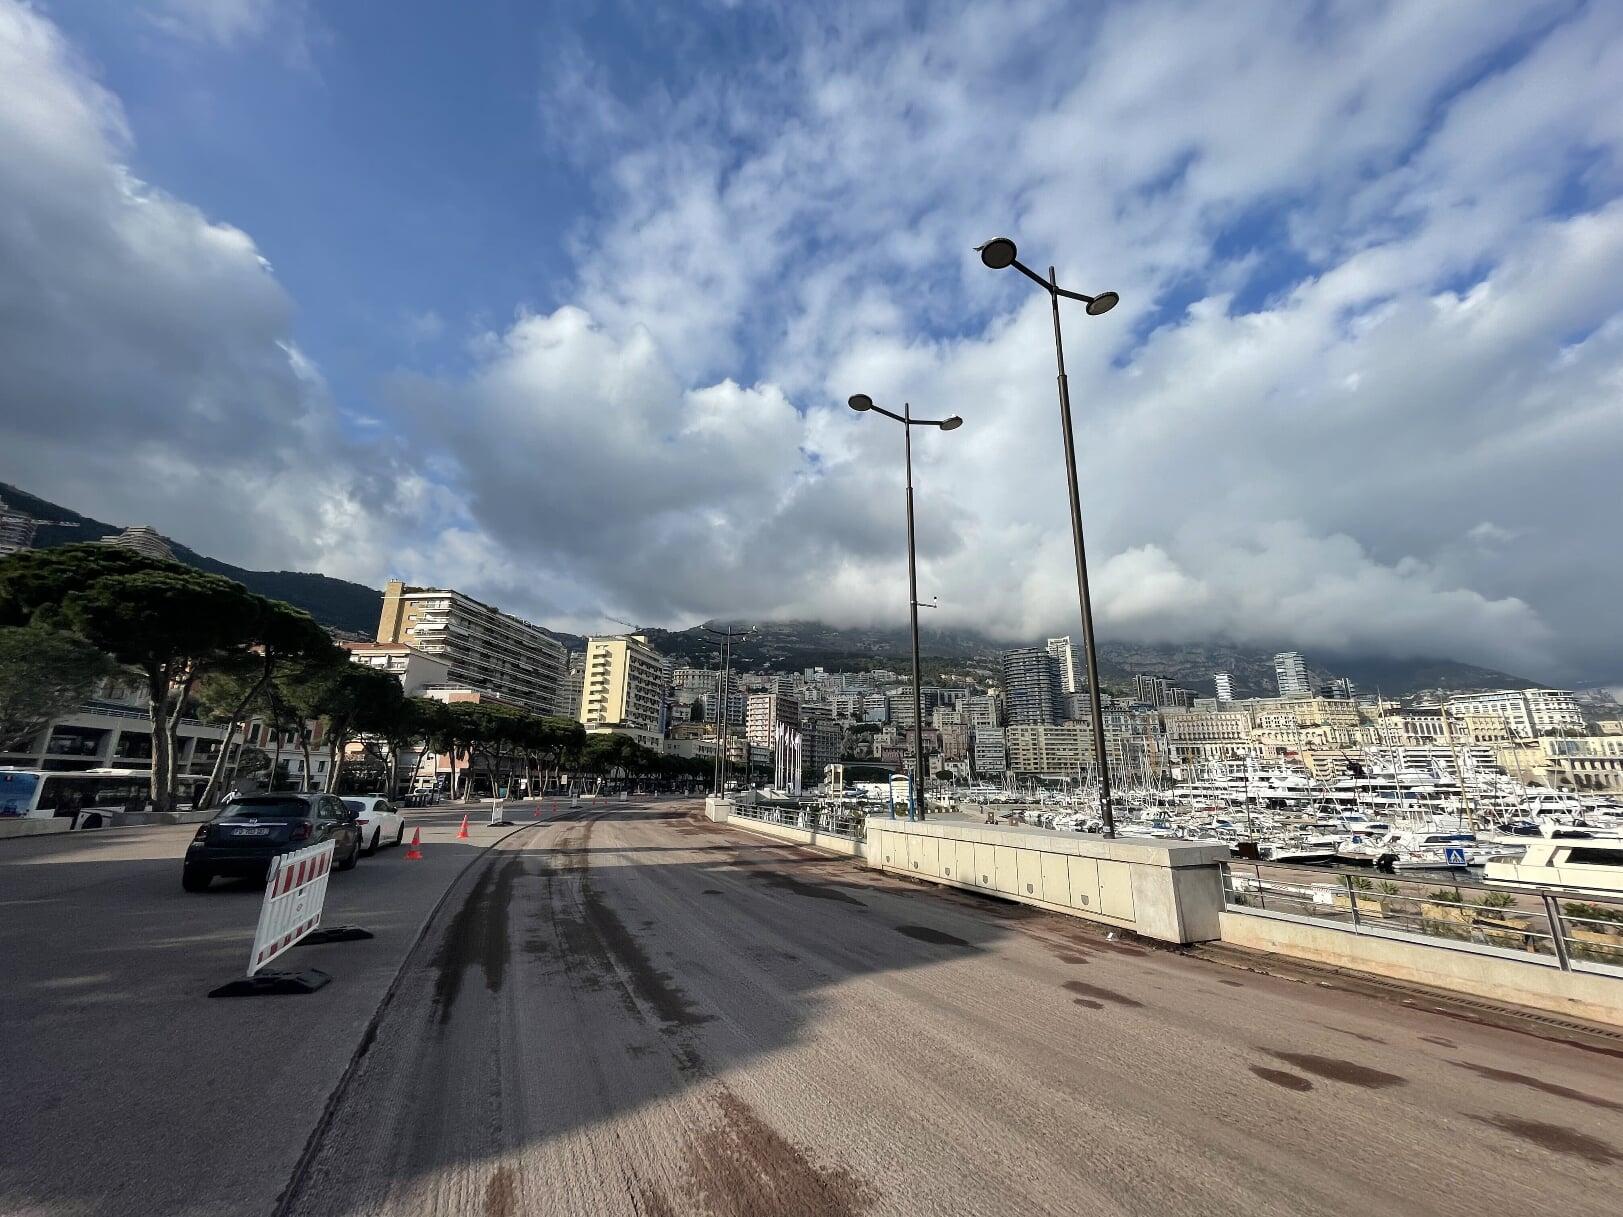 В Монте-Карло начались работы по подготовке трассы к проведению Гран-при «Формулы-1»